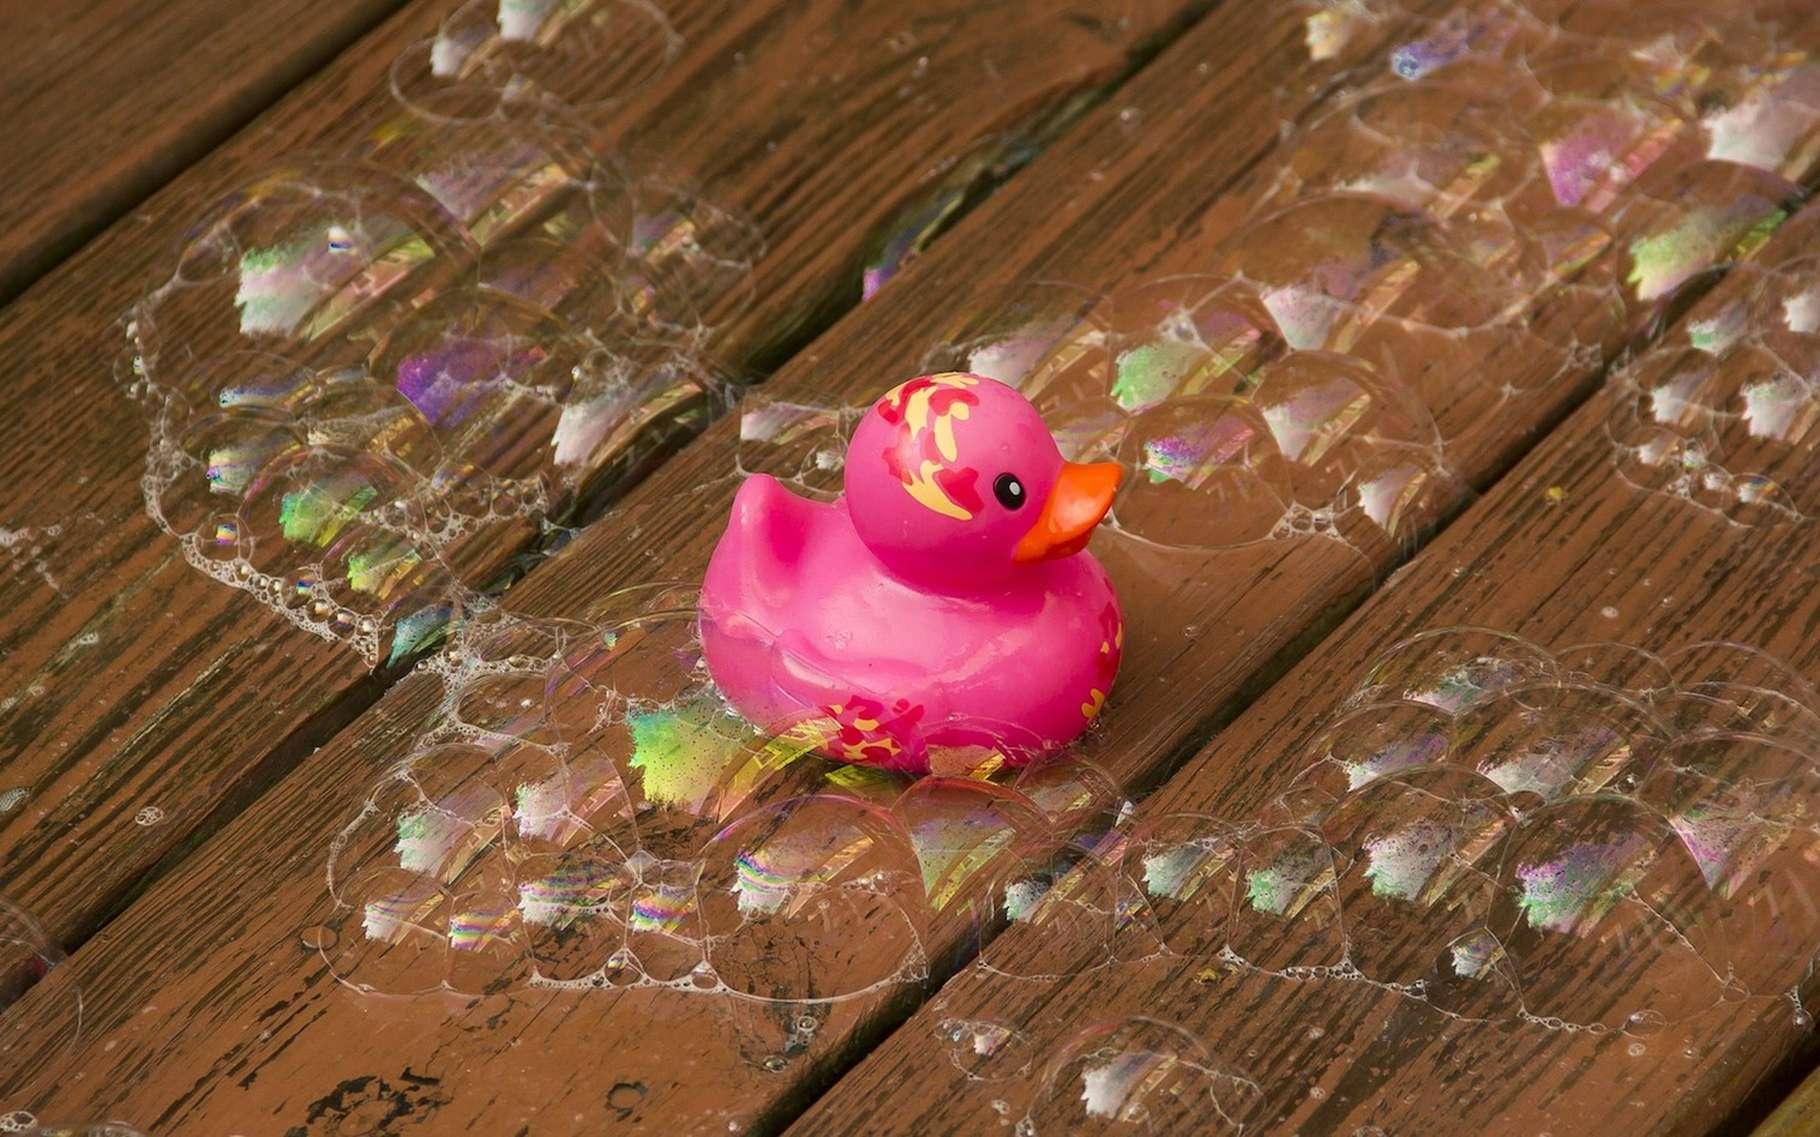 Ils sont tellement mignons quand ils barbotent dans l'eau du bain de nos petits… Pourtant, les canards en plastique ont la fâcheuse tendance à héberger champignons et bactéries en tout genre. © DVOC, Pixabay, CC0 Creative Commons